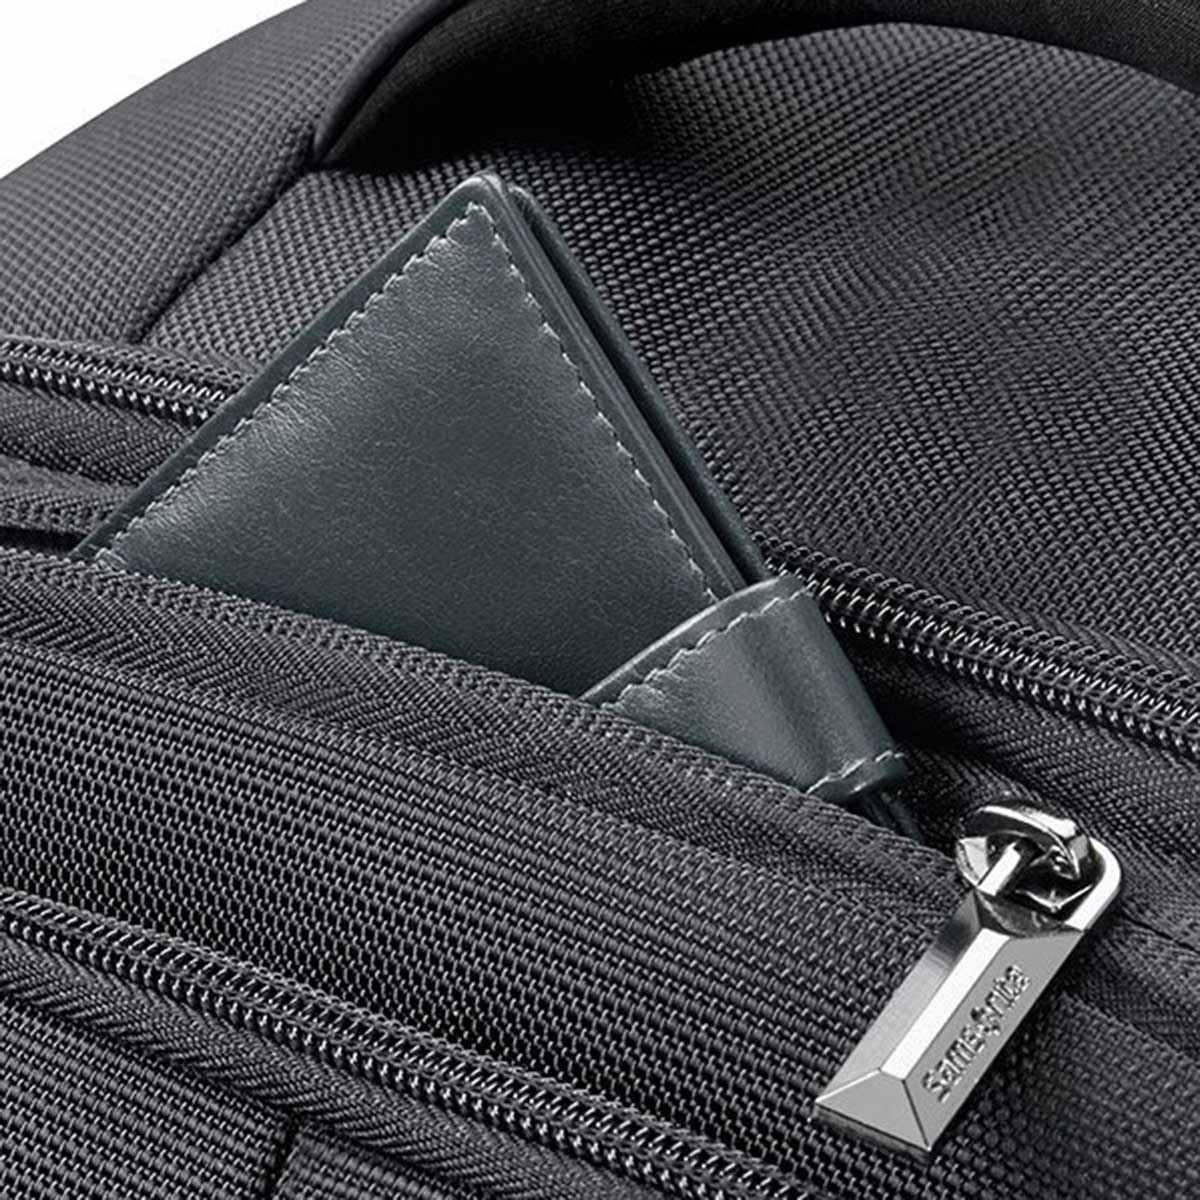 5b8743122e Σακίδιο Πλάτης Samsonite XBR Laptop Backpack 15.6″ 75215-1041 Μαύρο